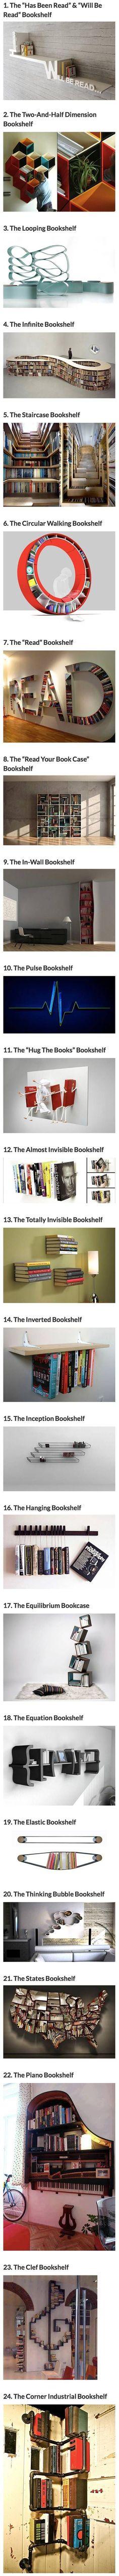 Interesting looking bookshelves. Practical bookshelves need not apply.